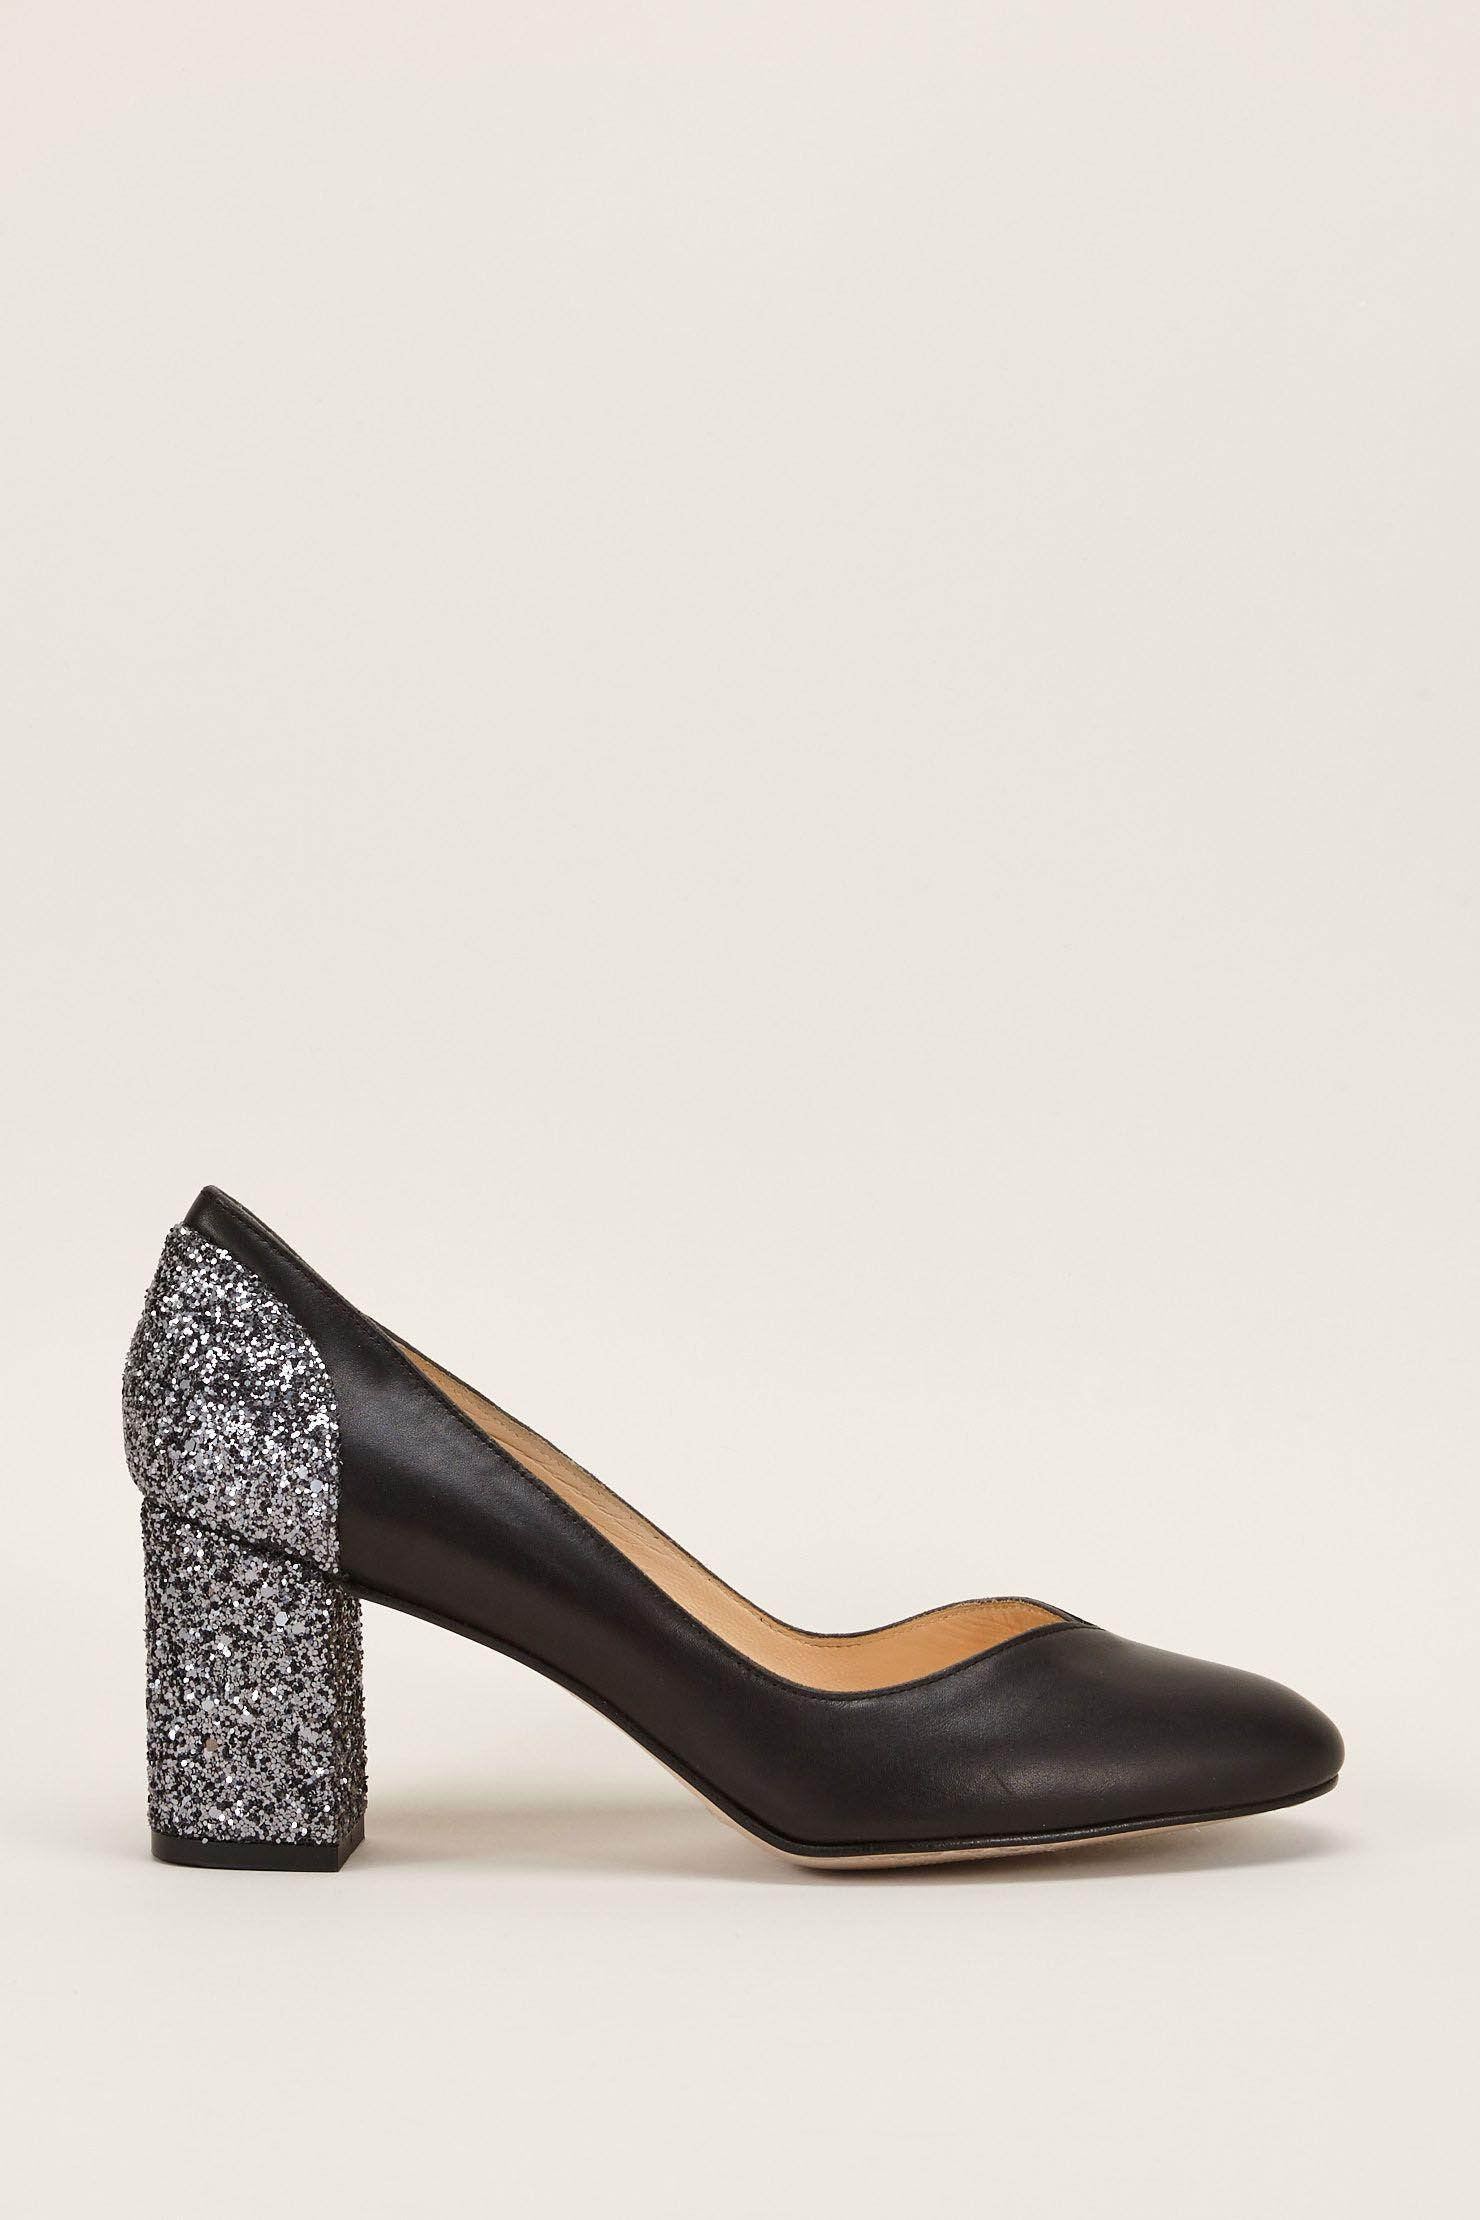 Escarpins en cuir noir et talons à paillettes Cecilette zoom